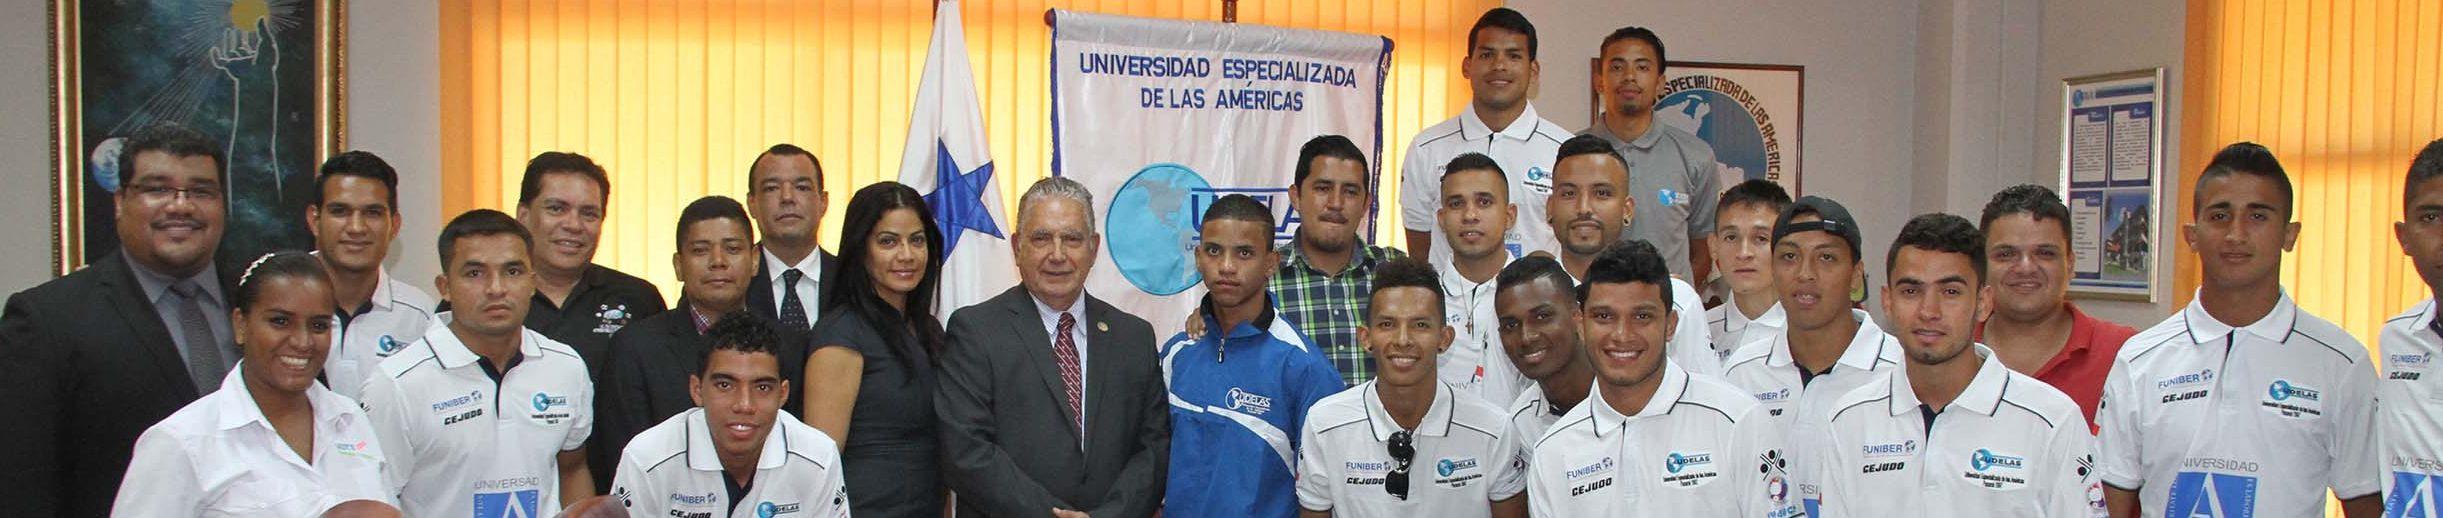 FUNIBER patrocina el equipo de UDELAS en los VI Juegos Deportivos Universitarios Centroamericanos